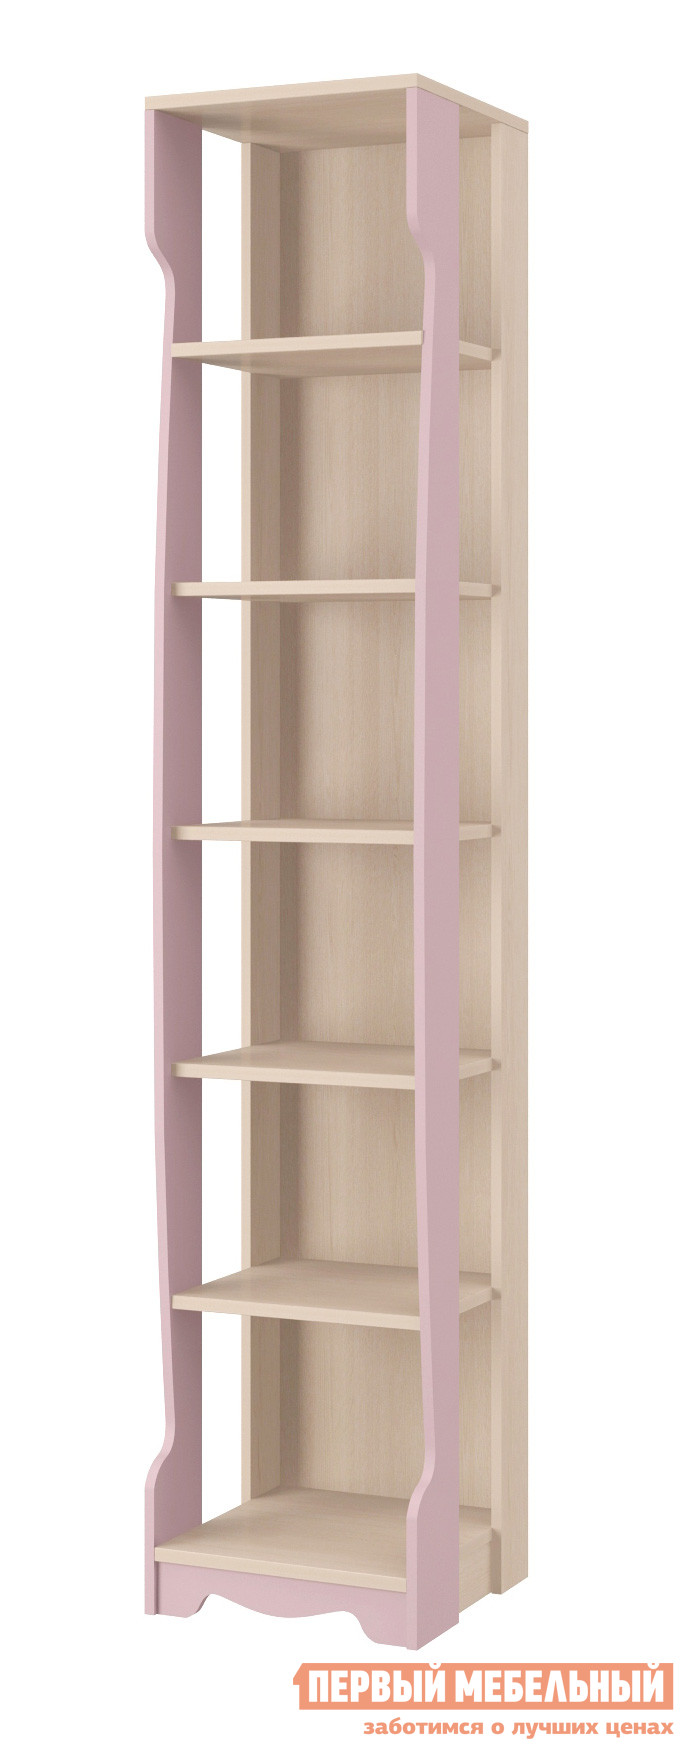 Стеллаж в детскую Интеди ИД 01.233а Дуб Млечный / Розовый